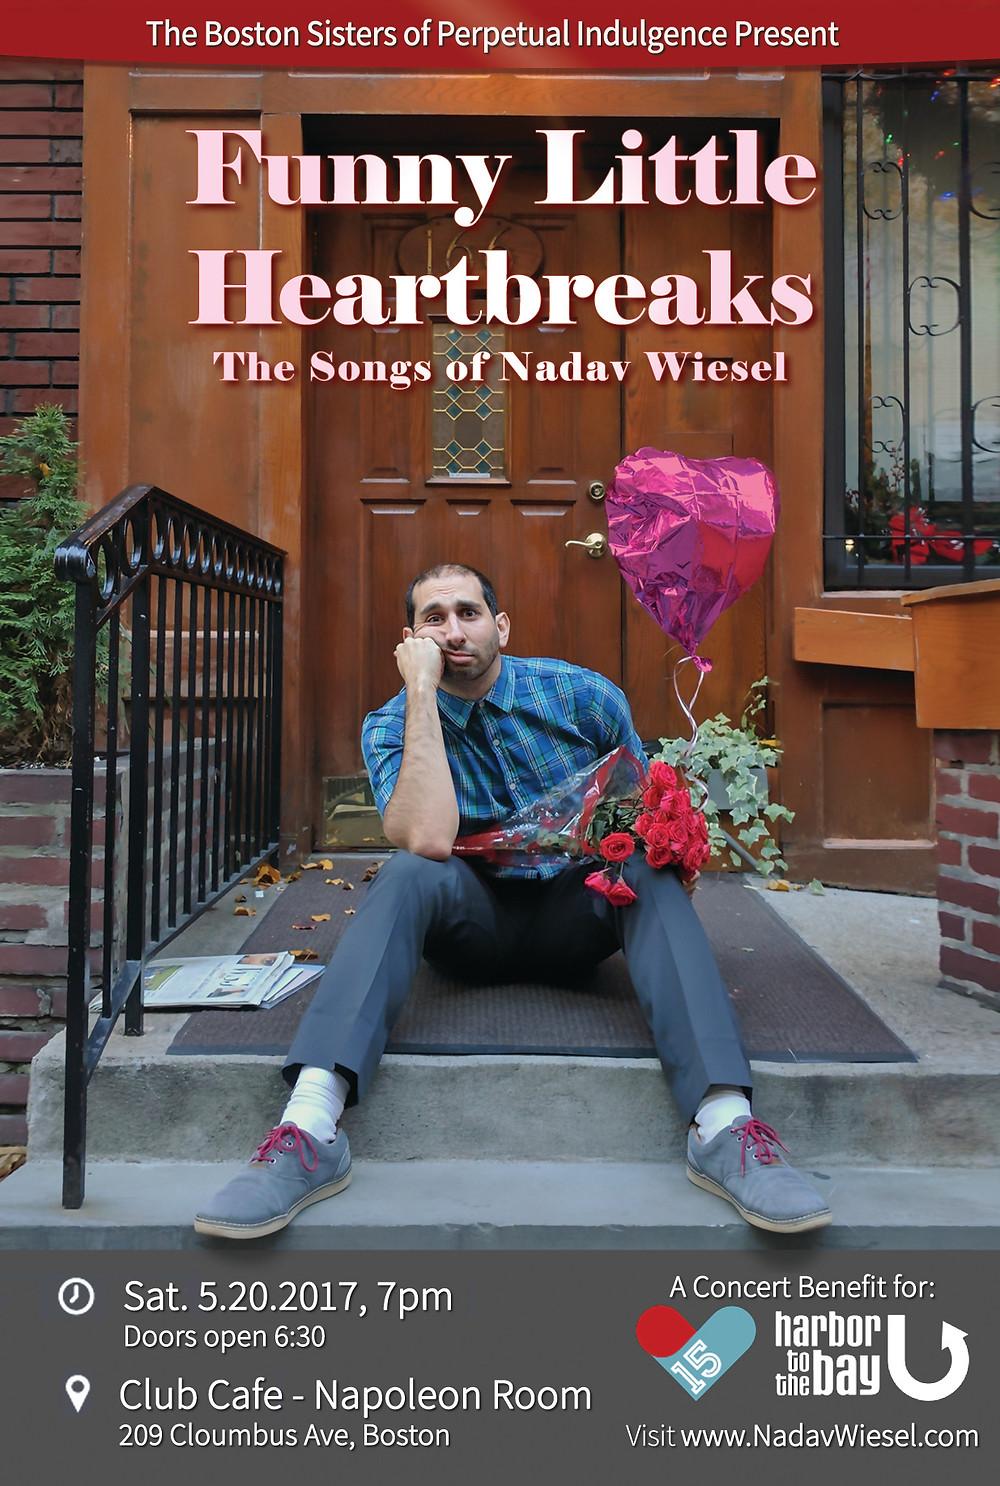 Funny Little Heartbreaks Nadav Wiesel